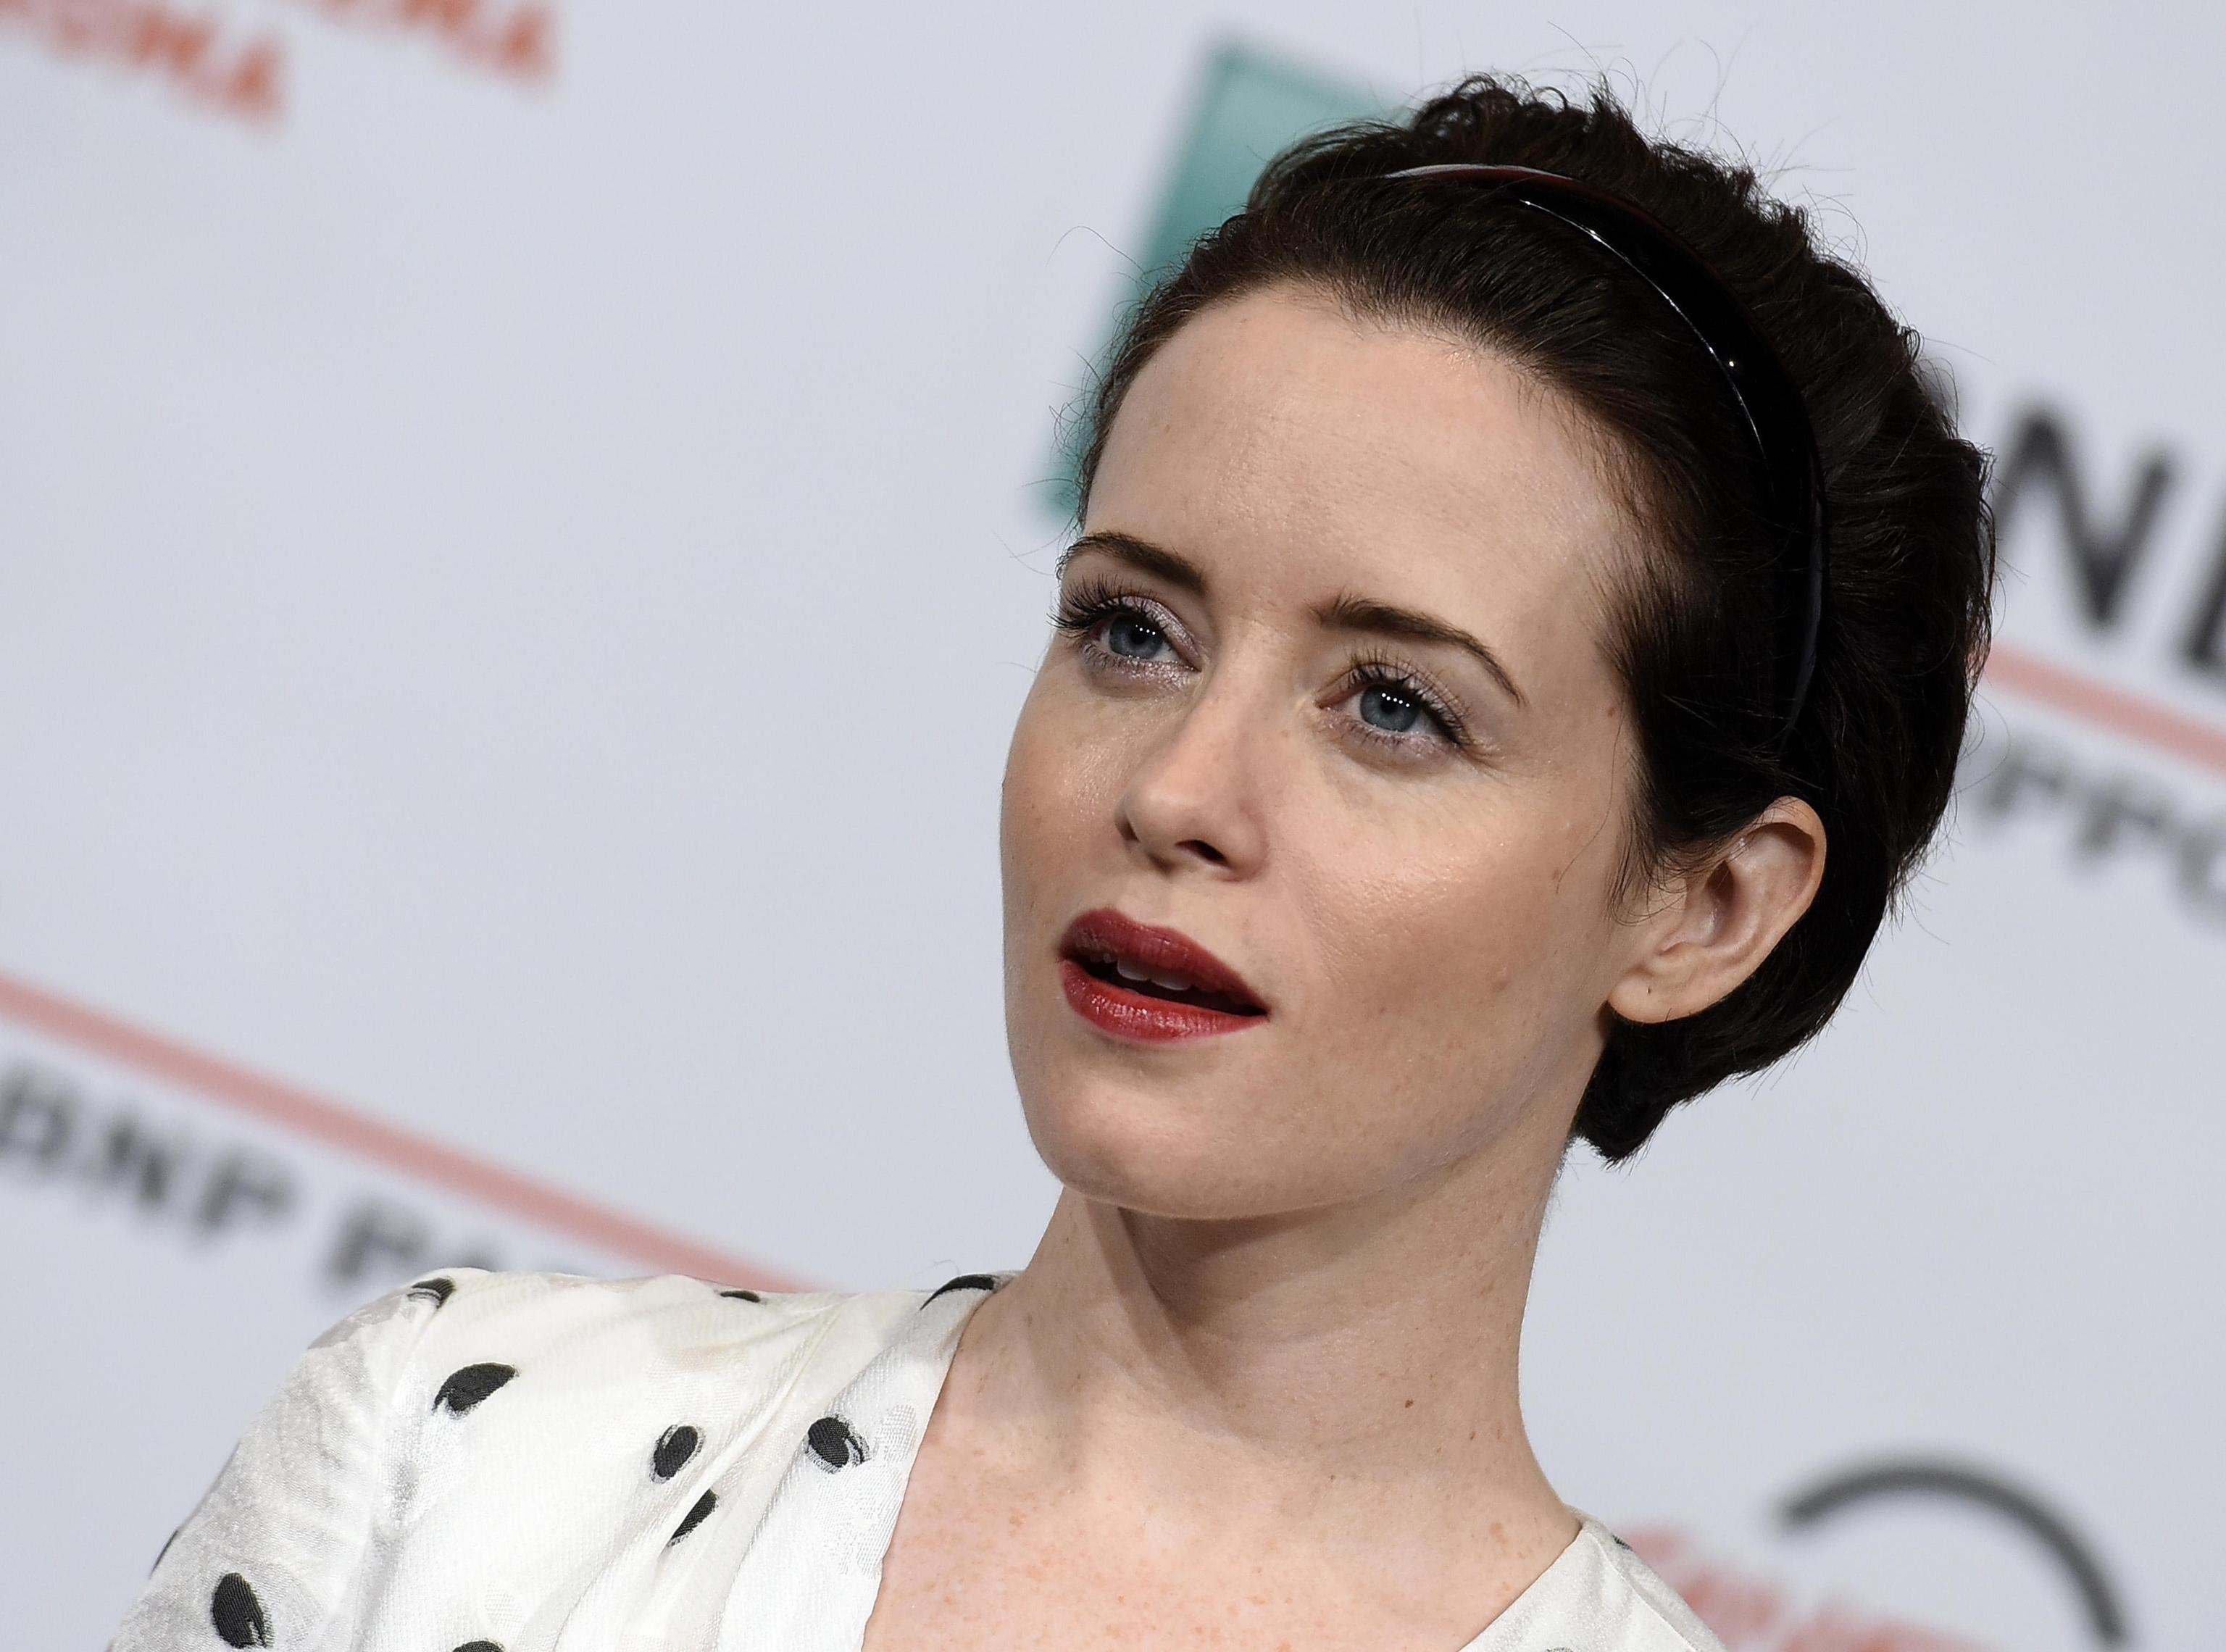 Claire Foy - kim jest aktorka? Najważniejsze filmy i role - Film